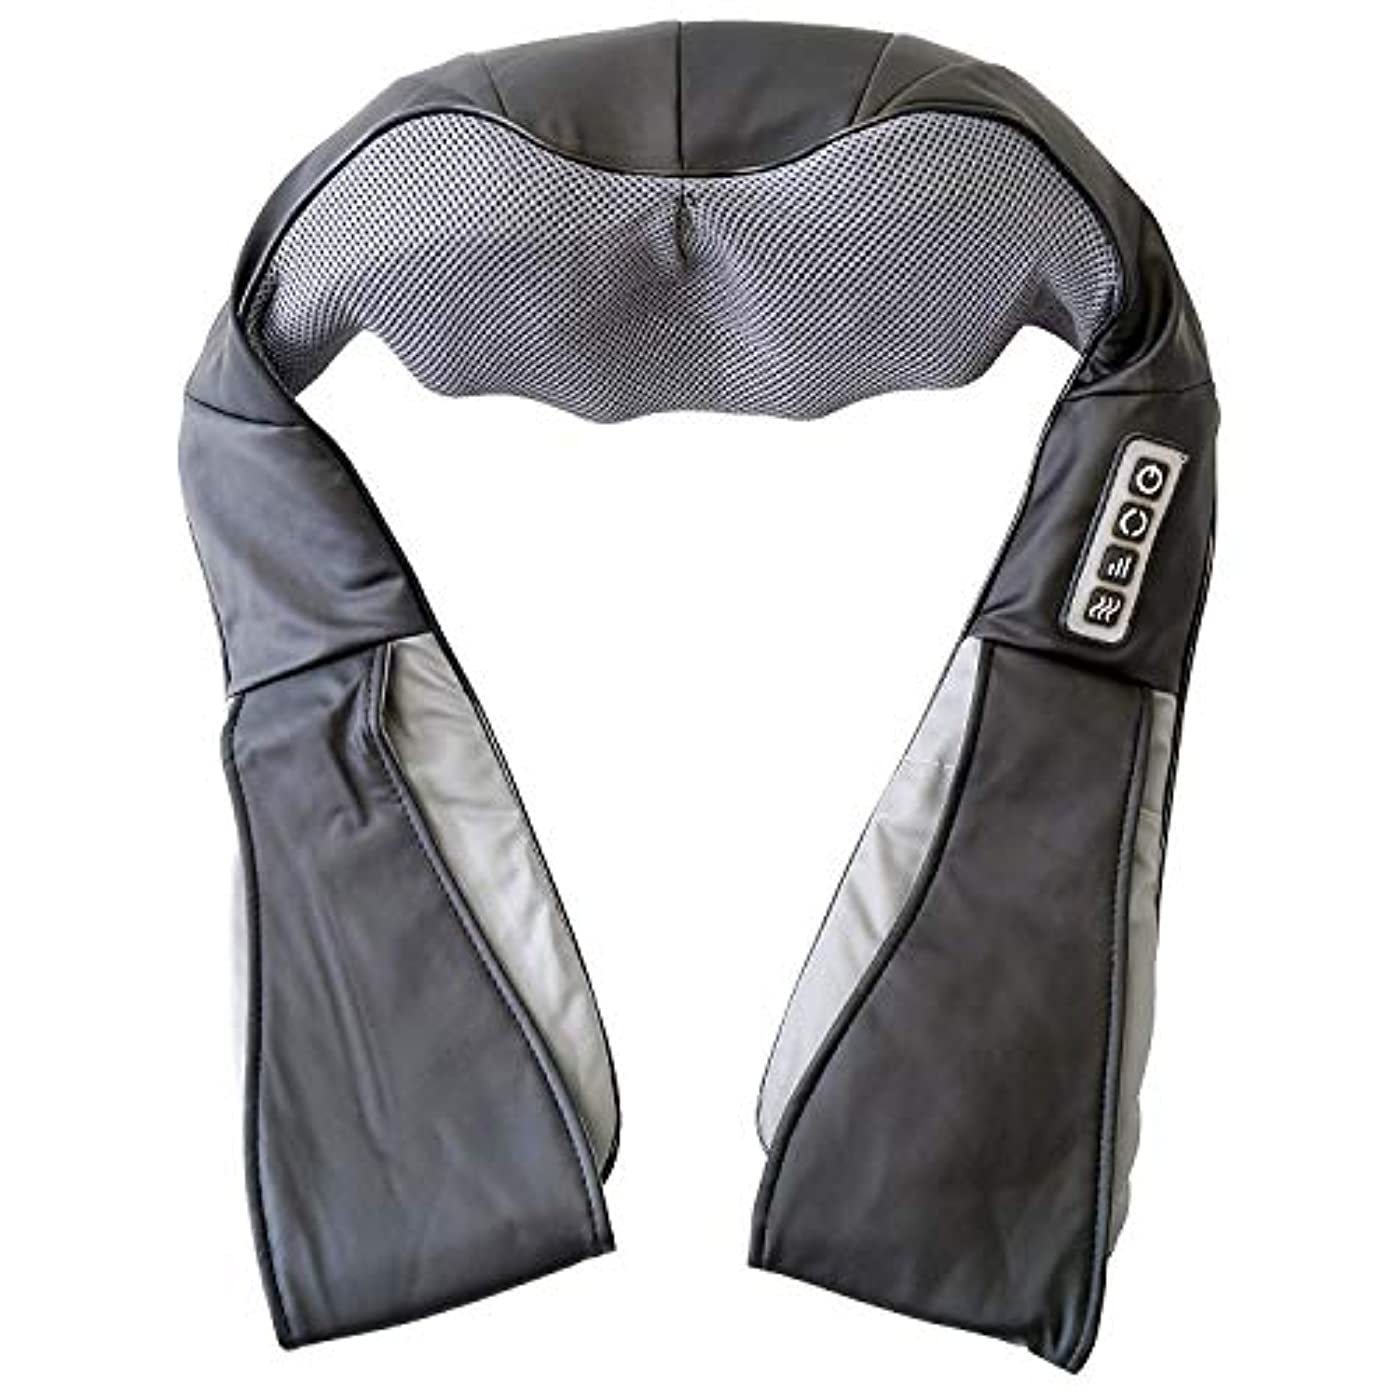 最適急勾配の買うGWM 充電式バッテリーベルトマッサージャーコードレス混成指圧赤外線ヒートセラピー(頚部肩用)アームハムストリングアンクルバック関節痛緩和